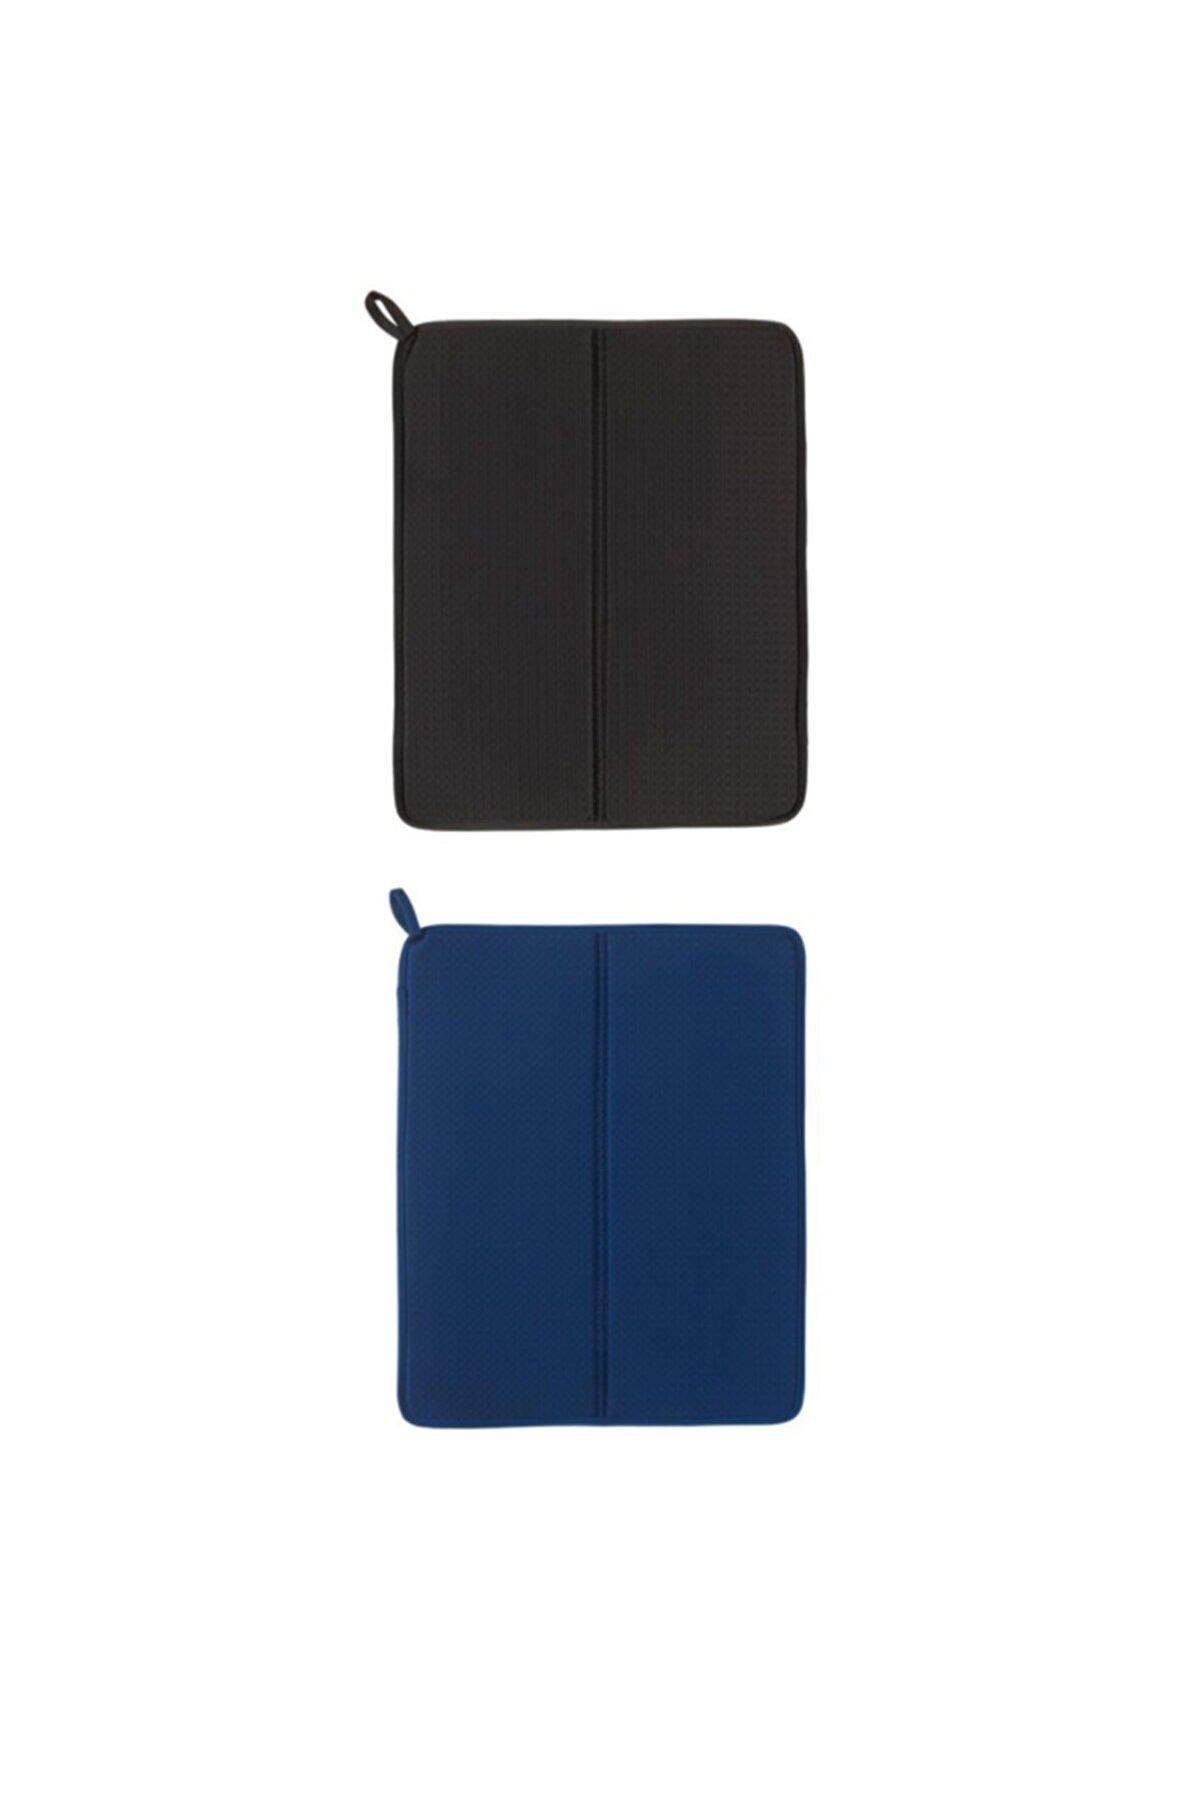 IKEA Nysköljd Bulaşık Kurutma Örtüsü, Koyu Mavi + Koyu Gri 2 Adet